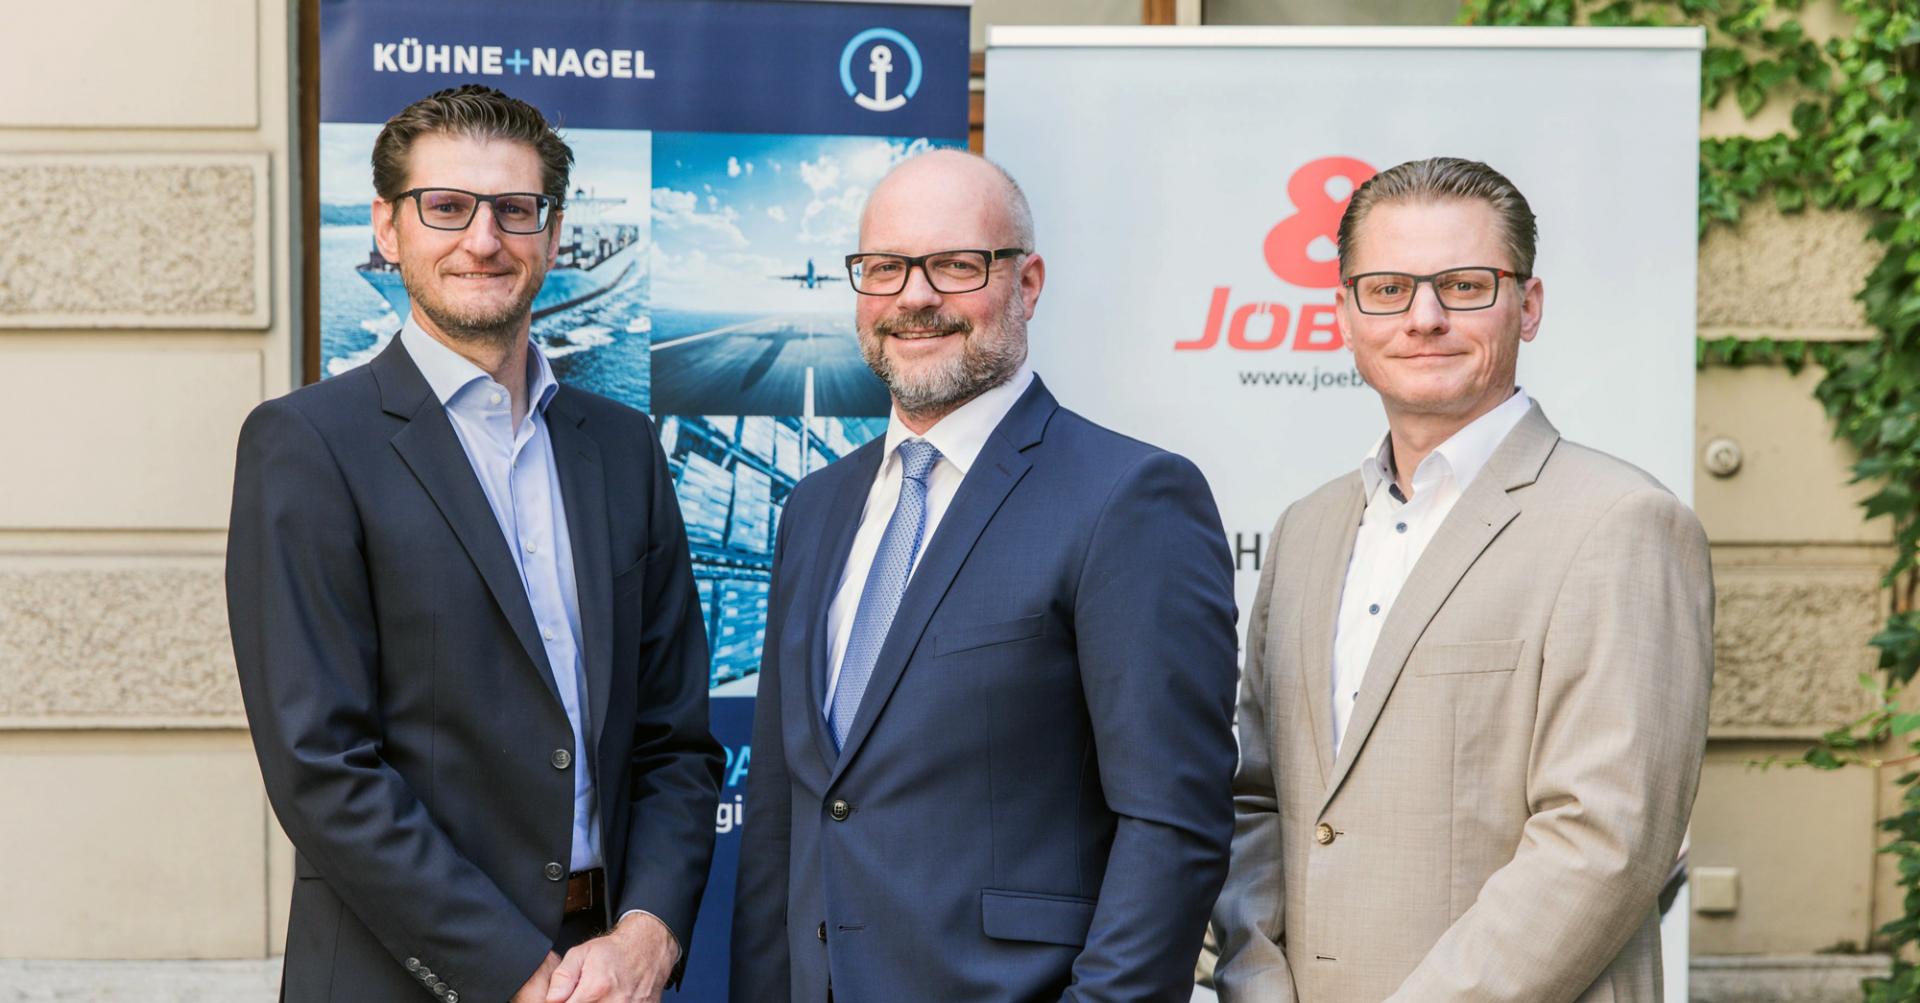 Kuehne + Nagel – przejęcie Grupy Jobstl